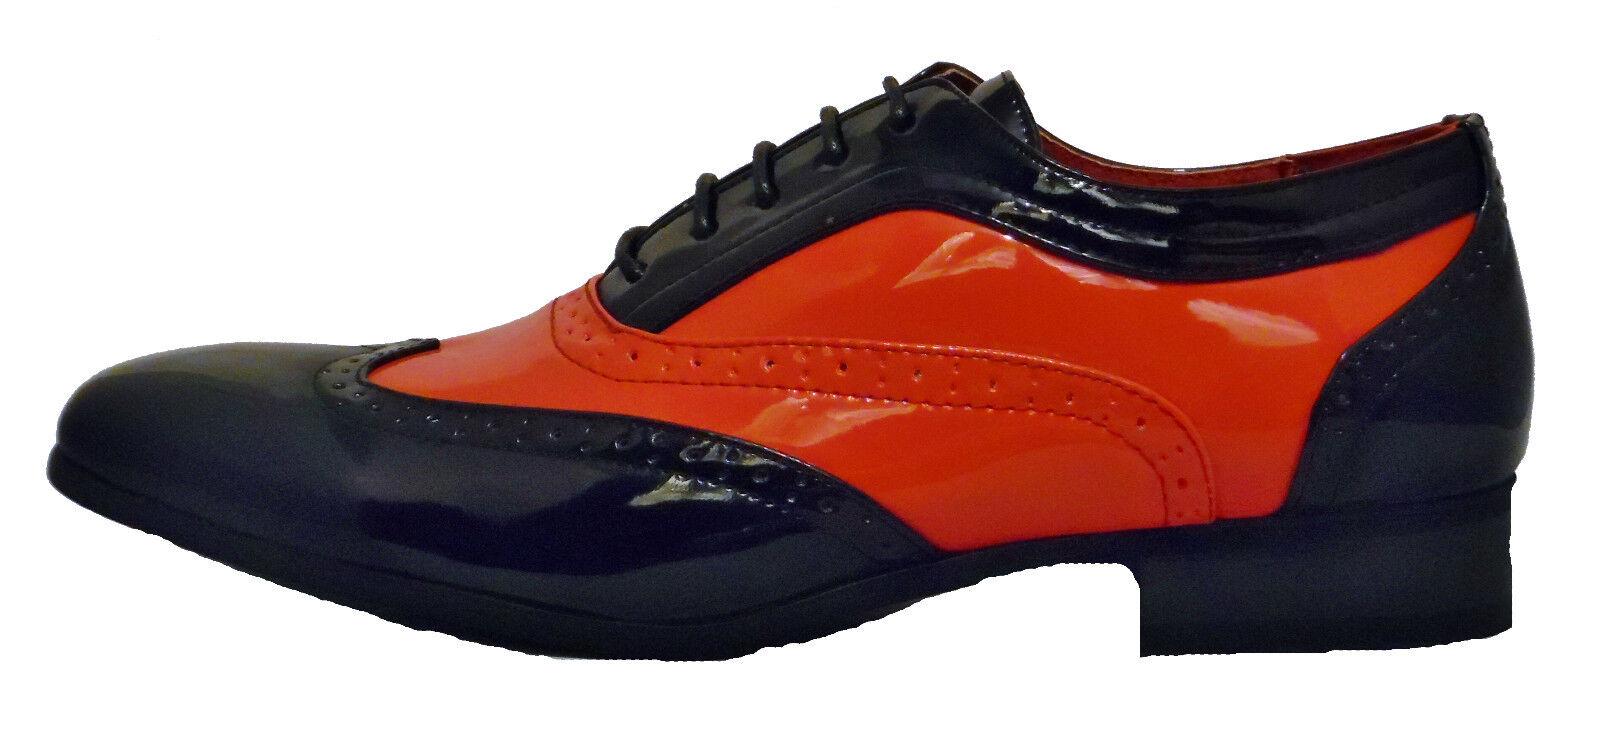 hombre forrado negro y rojo Borsalino forrado hombre en Piel Charol Zapatos De Vestir Boda 851d20